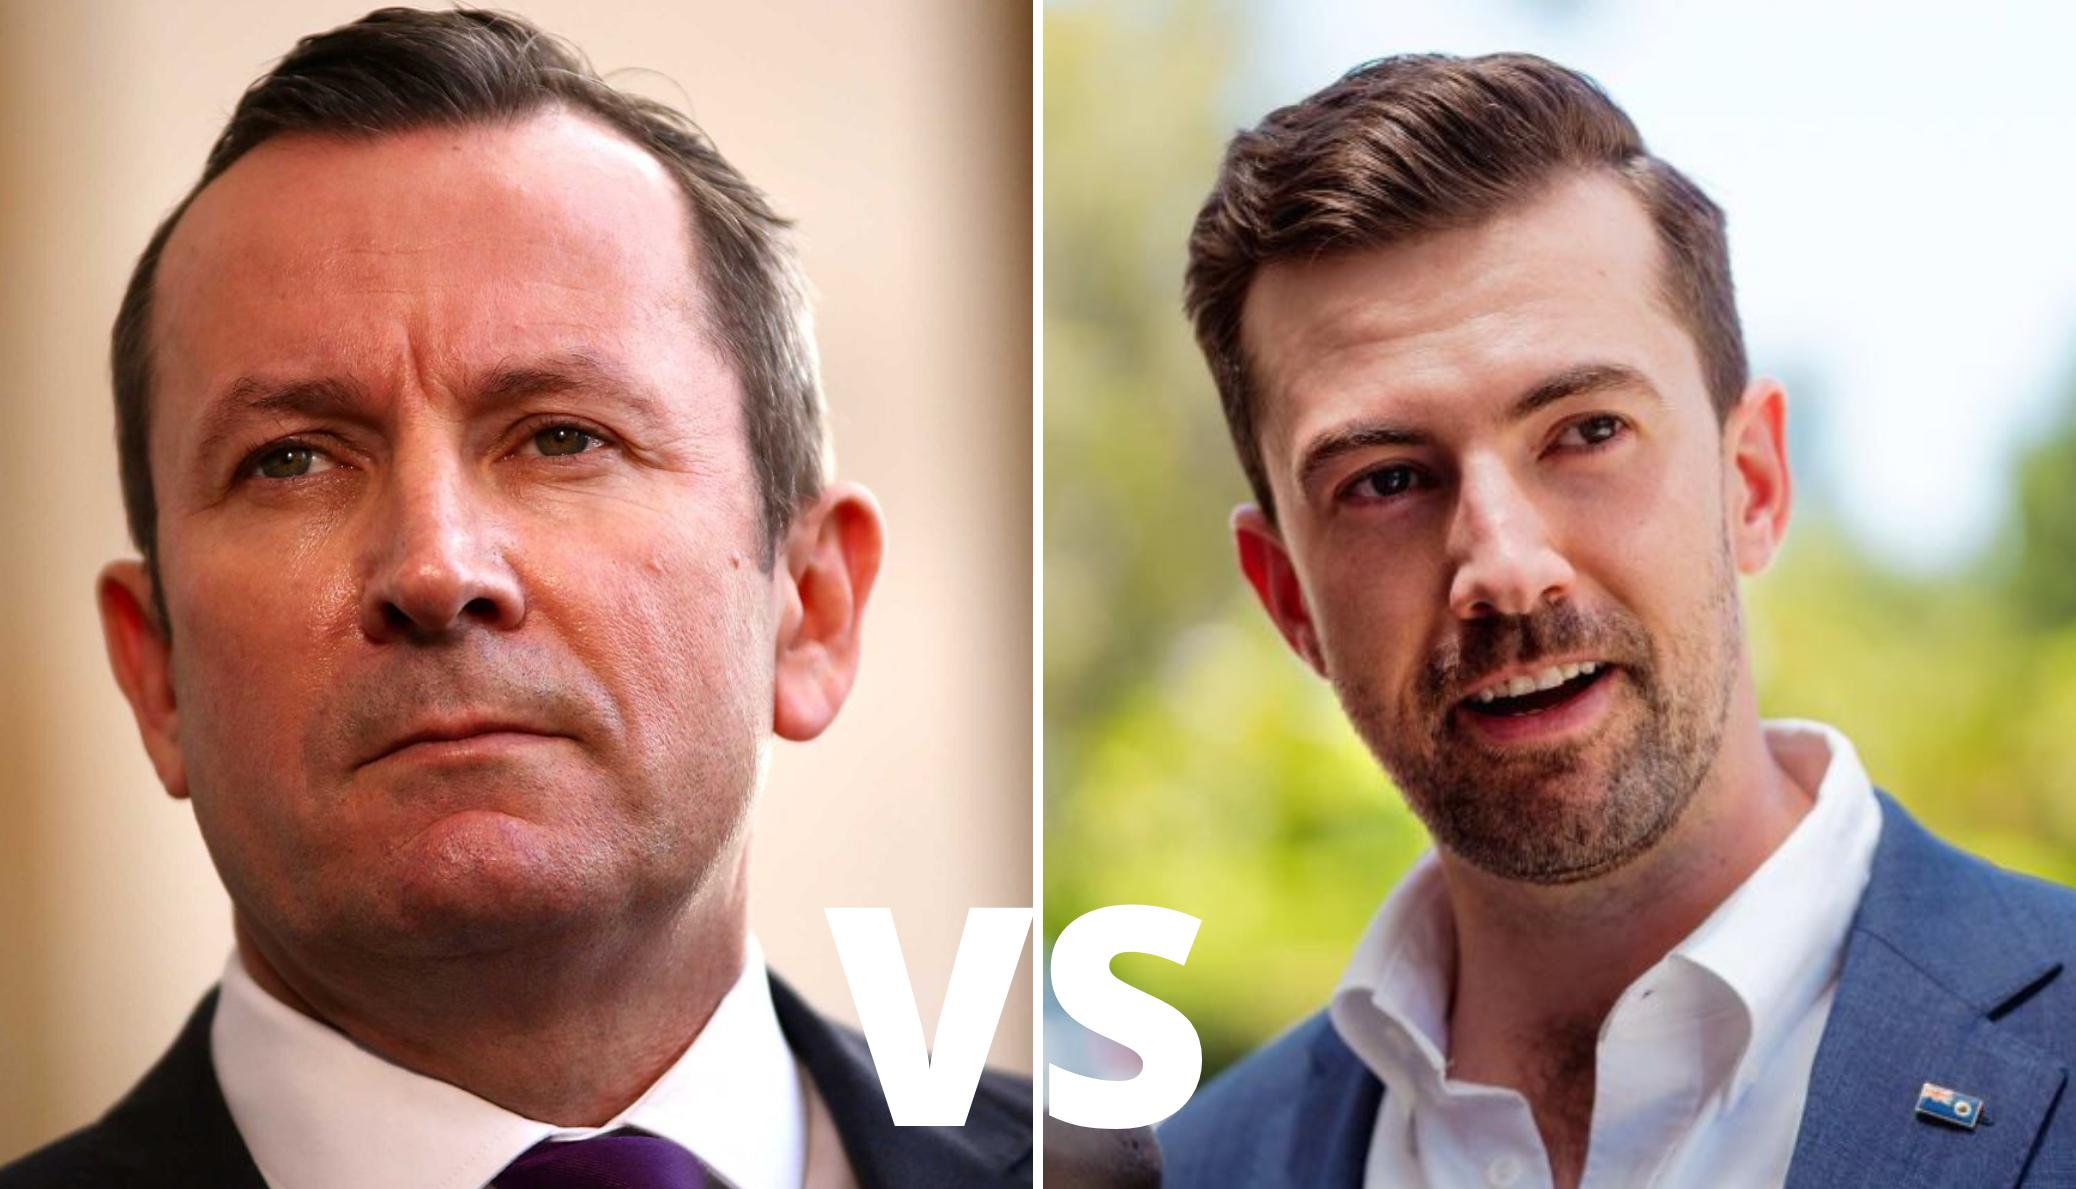 DAVID VS GOLIATH: WA ELECTION 2021